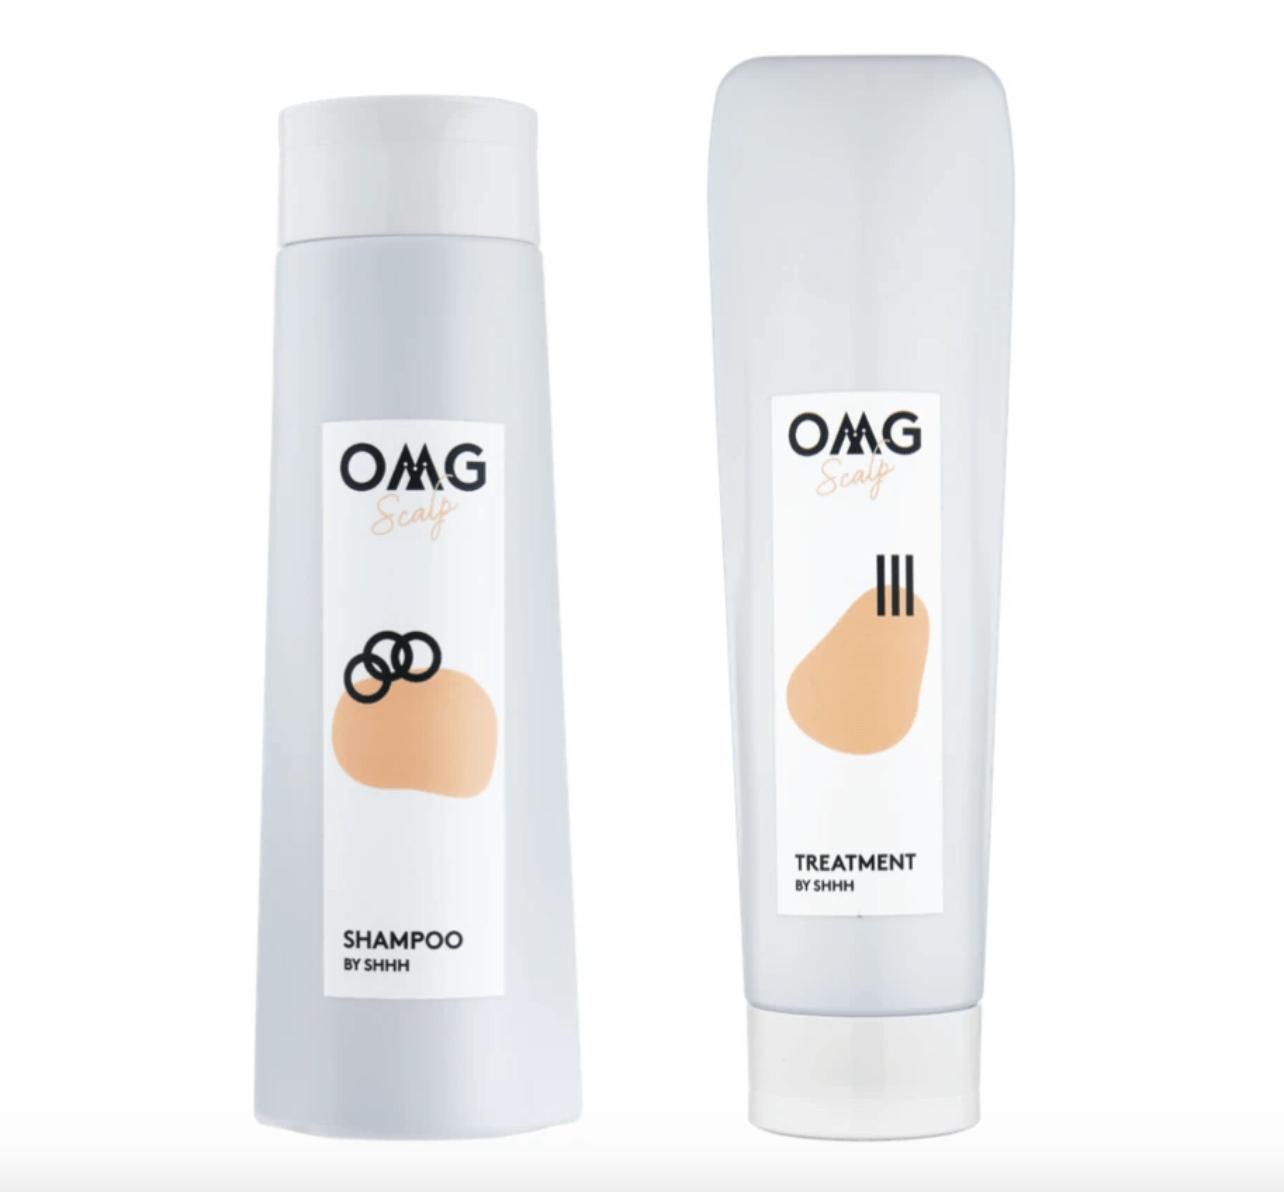 OMG Scalp Set HK$810 洗頭時可以塗抹專為頭皮護理而設的髮膜,然後輕輕從髮線開始沿着後頸按壓,促進頭部微循環,同時幫助頭皮吸收養份。